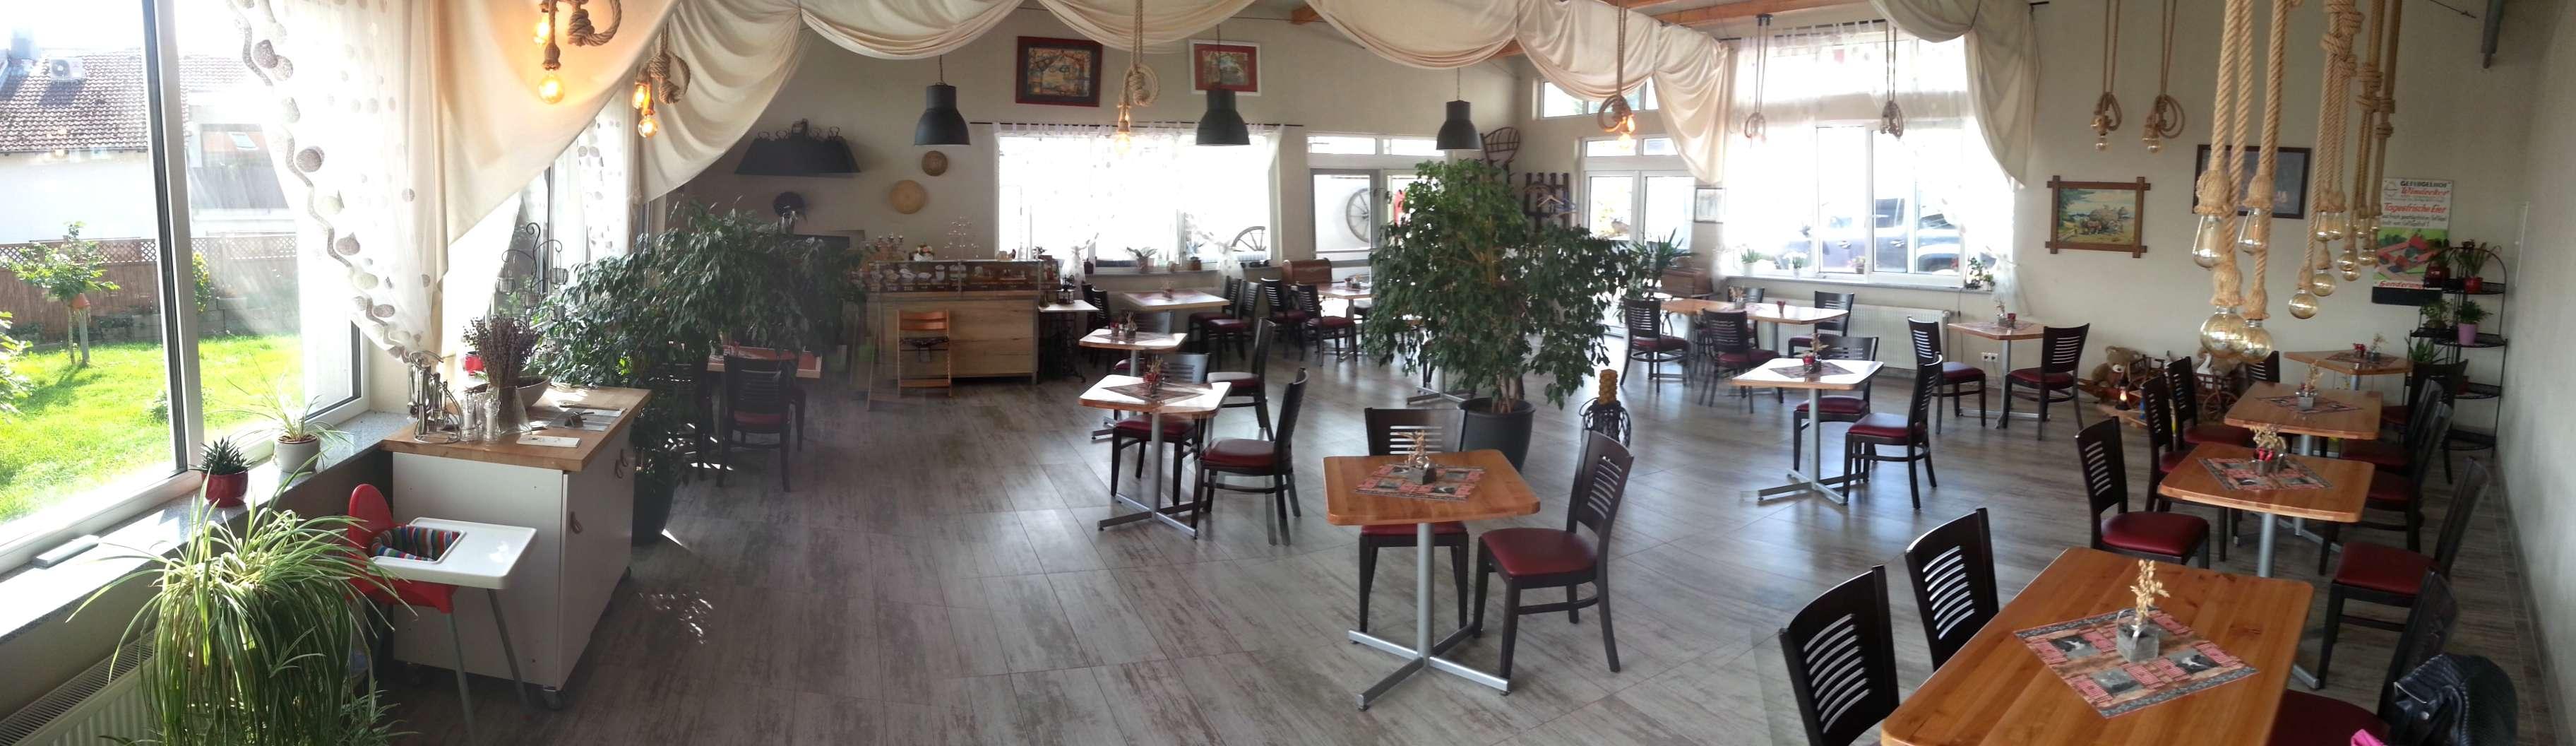 hof-cafe